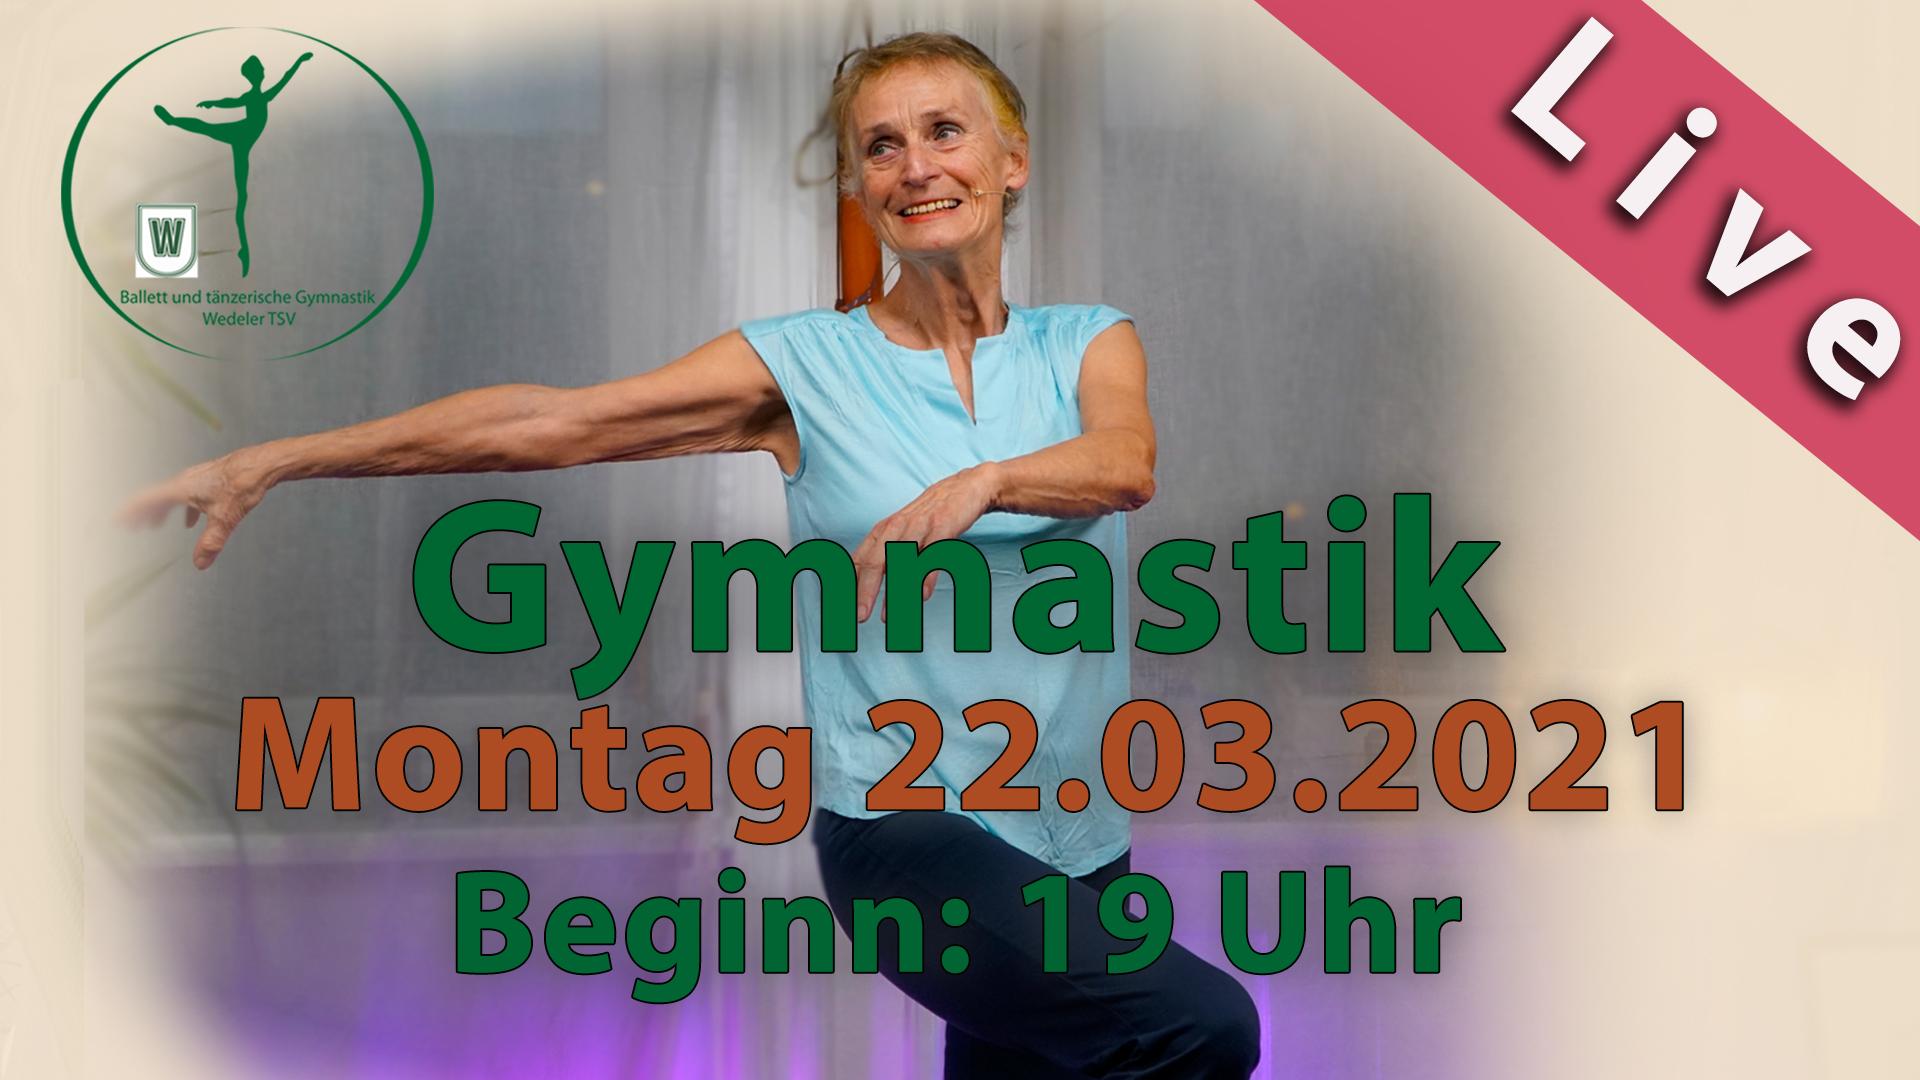 Gymnastik Livestream | Mo 22.03.2021 | 19 Uhr